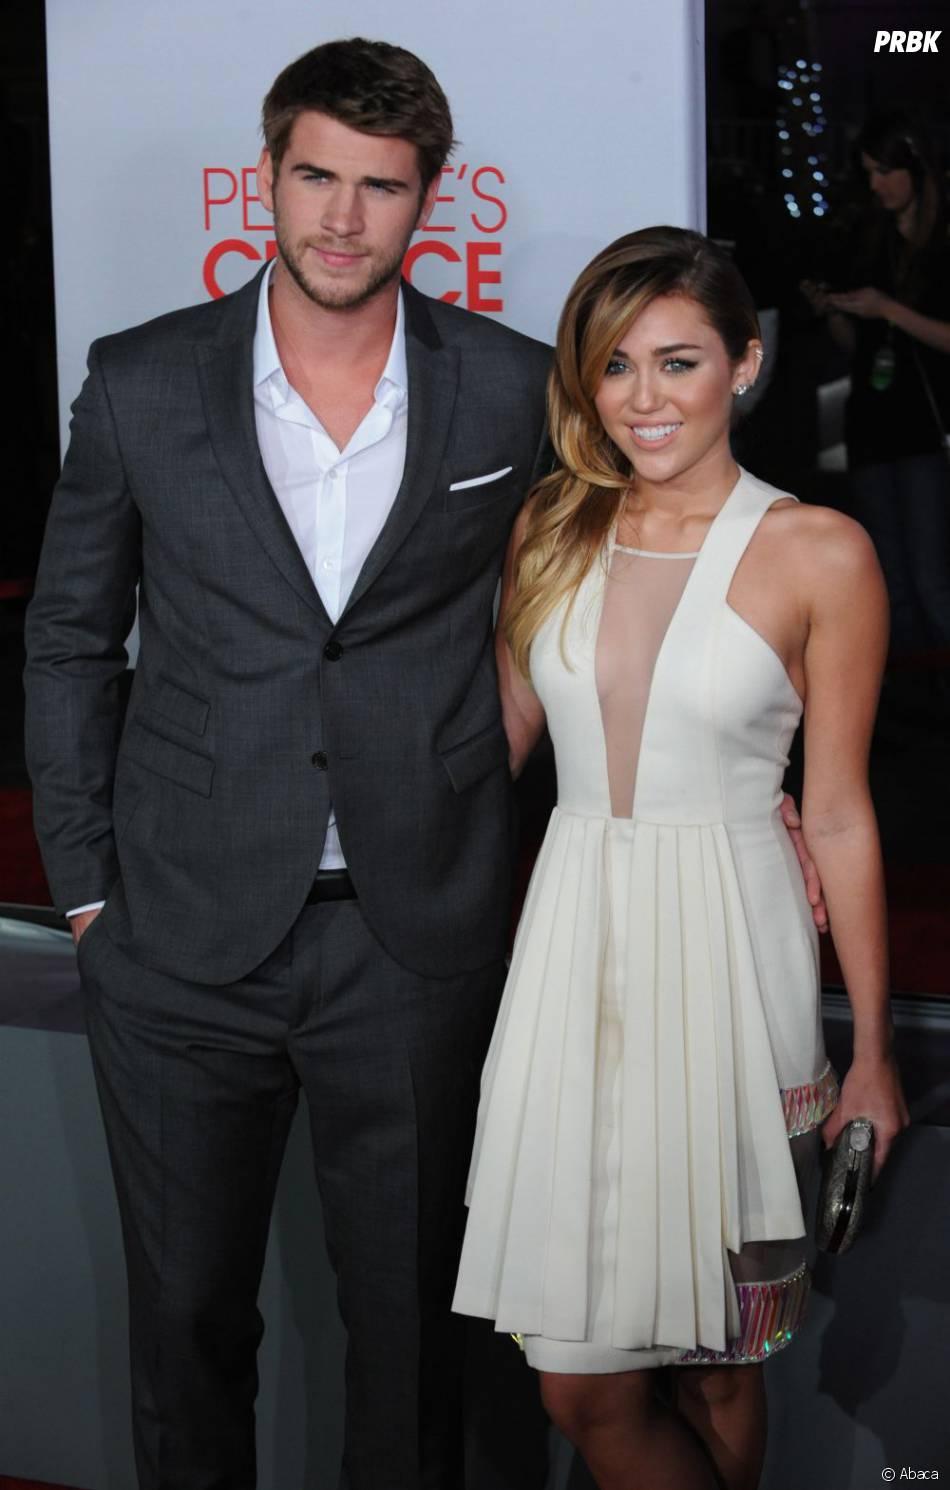 Les fiançailles de Miley Cyrus et Liam Hemsworth en danger ?